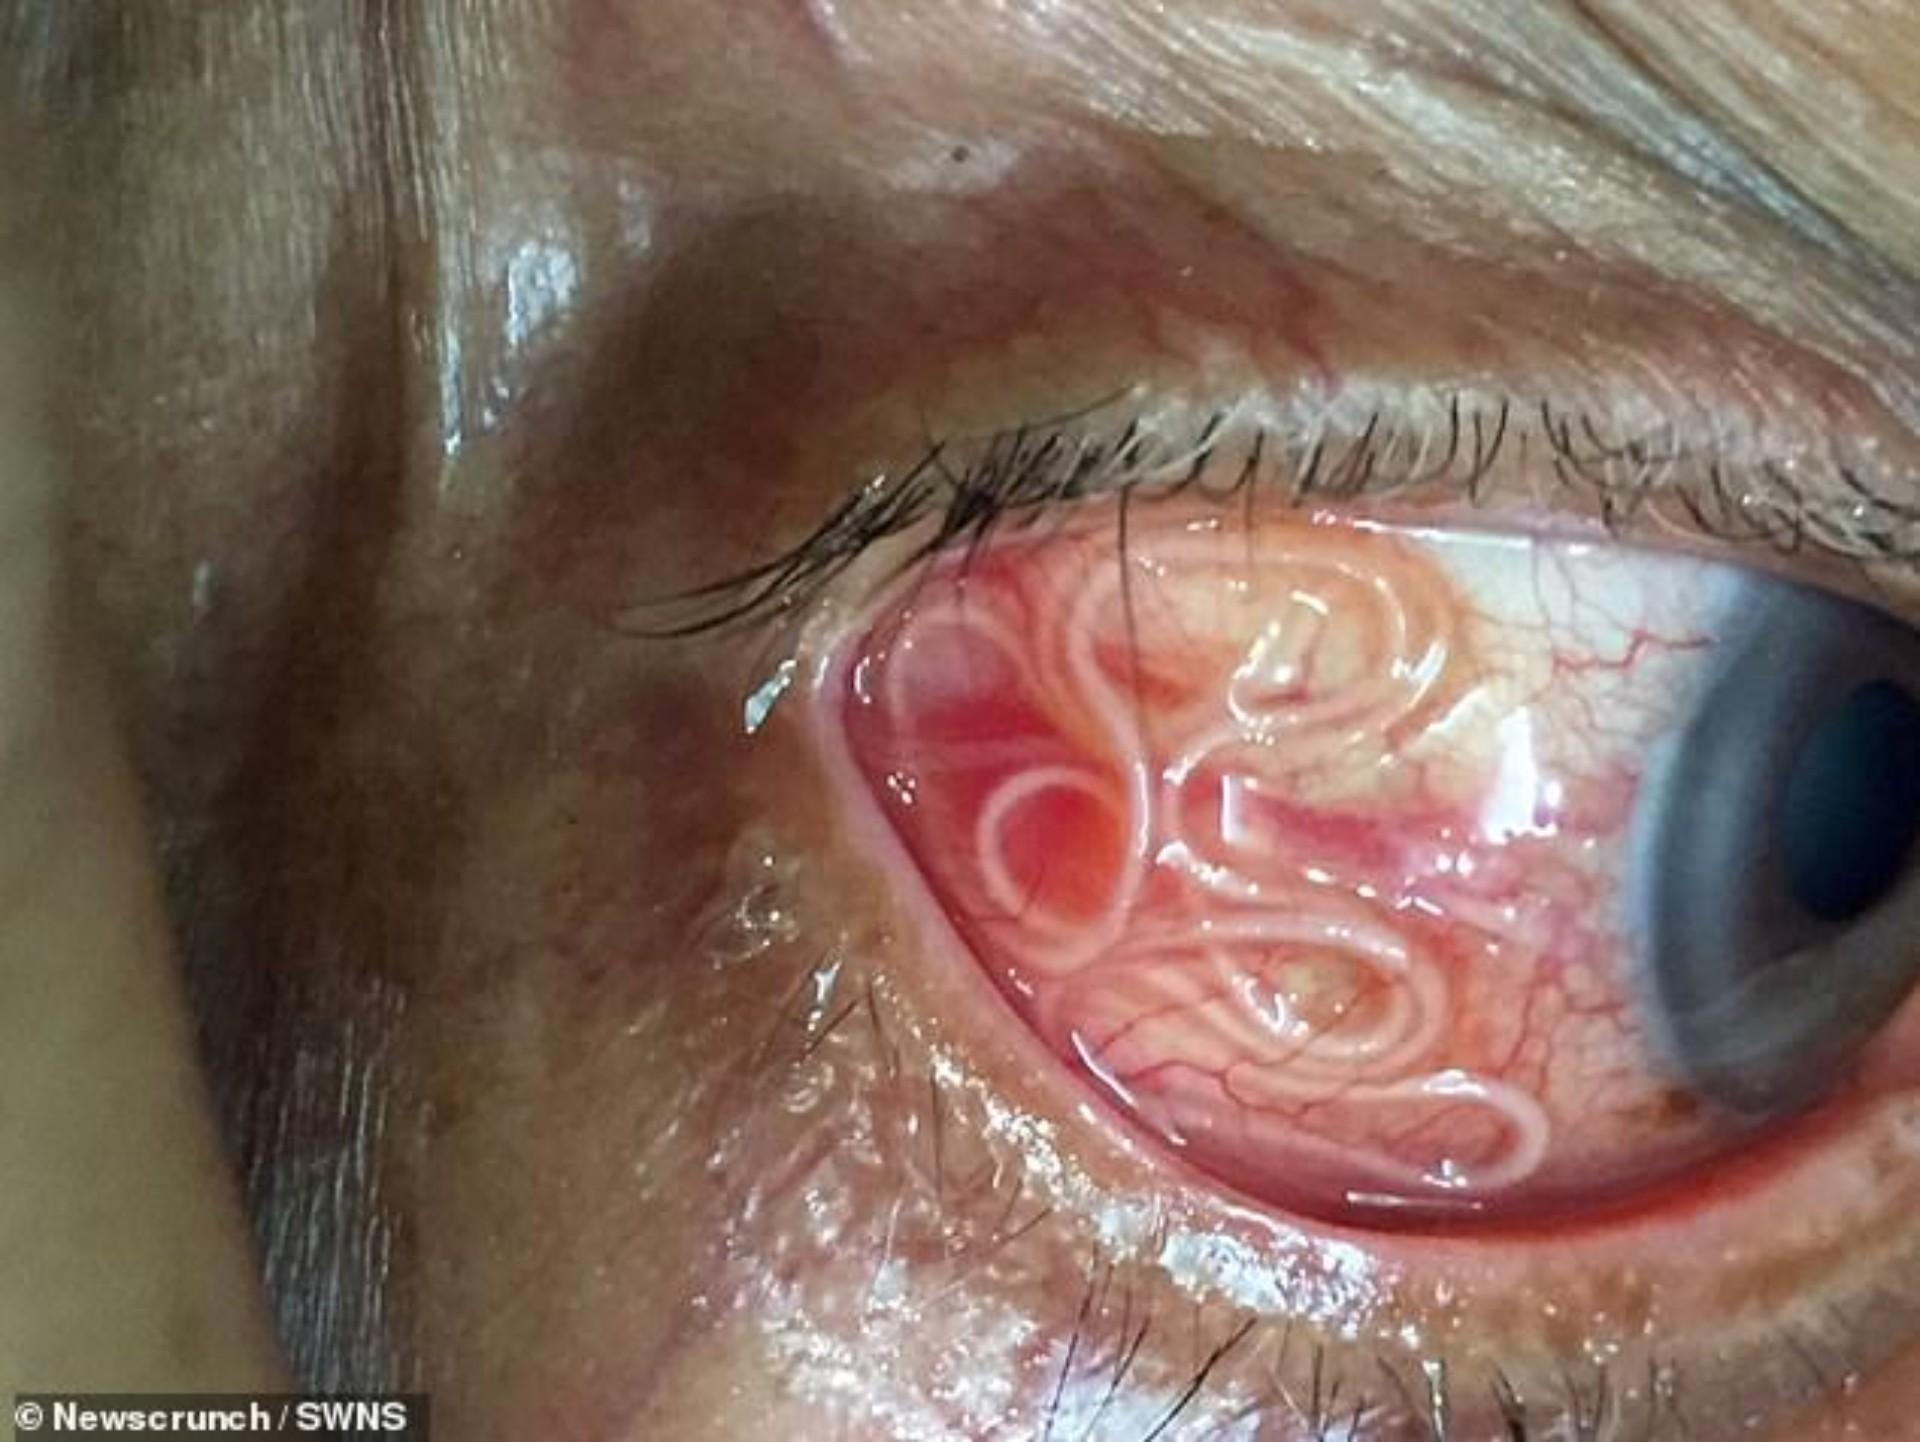 VIDEO: Extraen gusano vivo de 15 cm del ojo de un hombre